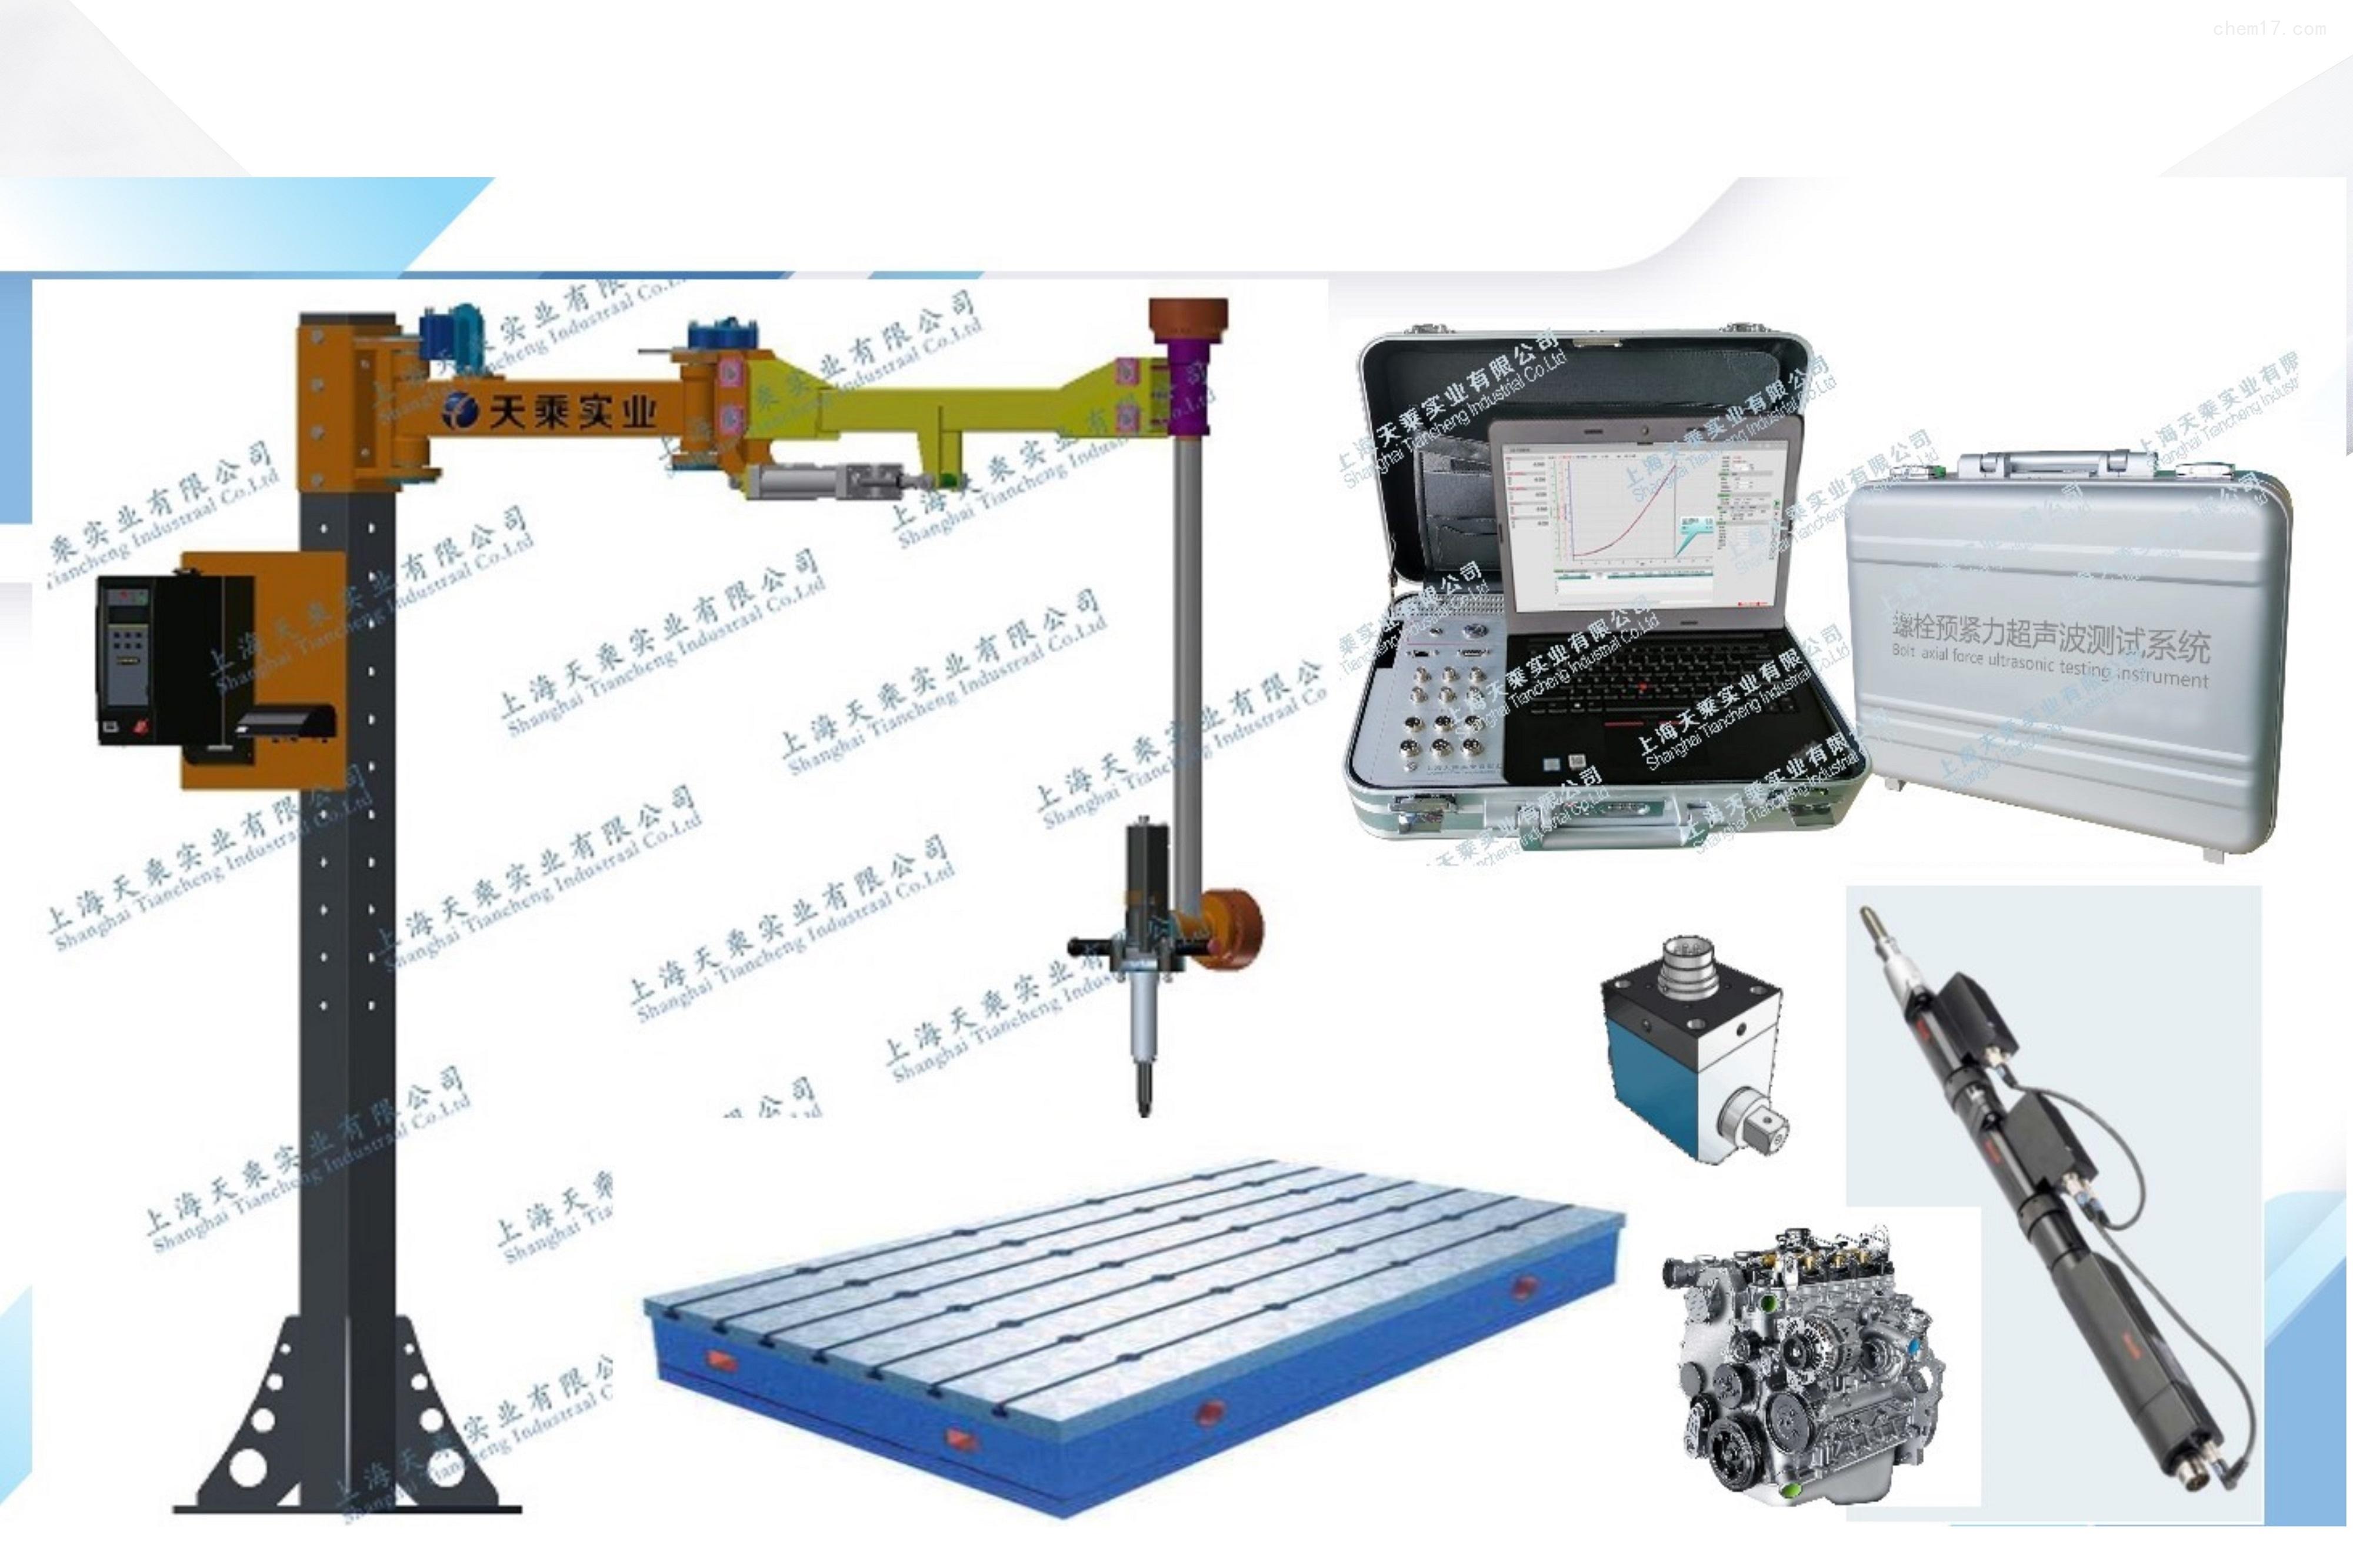 螺栓模拟装配分析系统